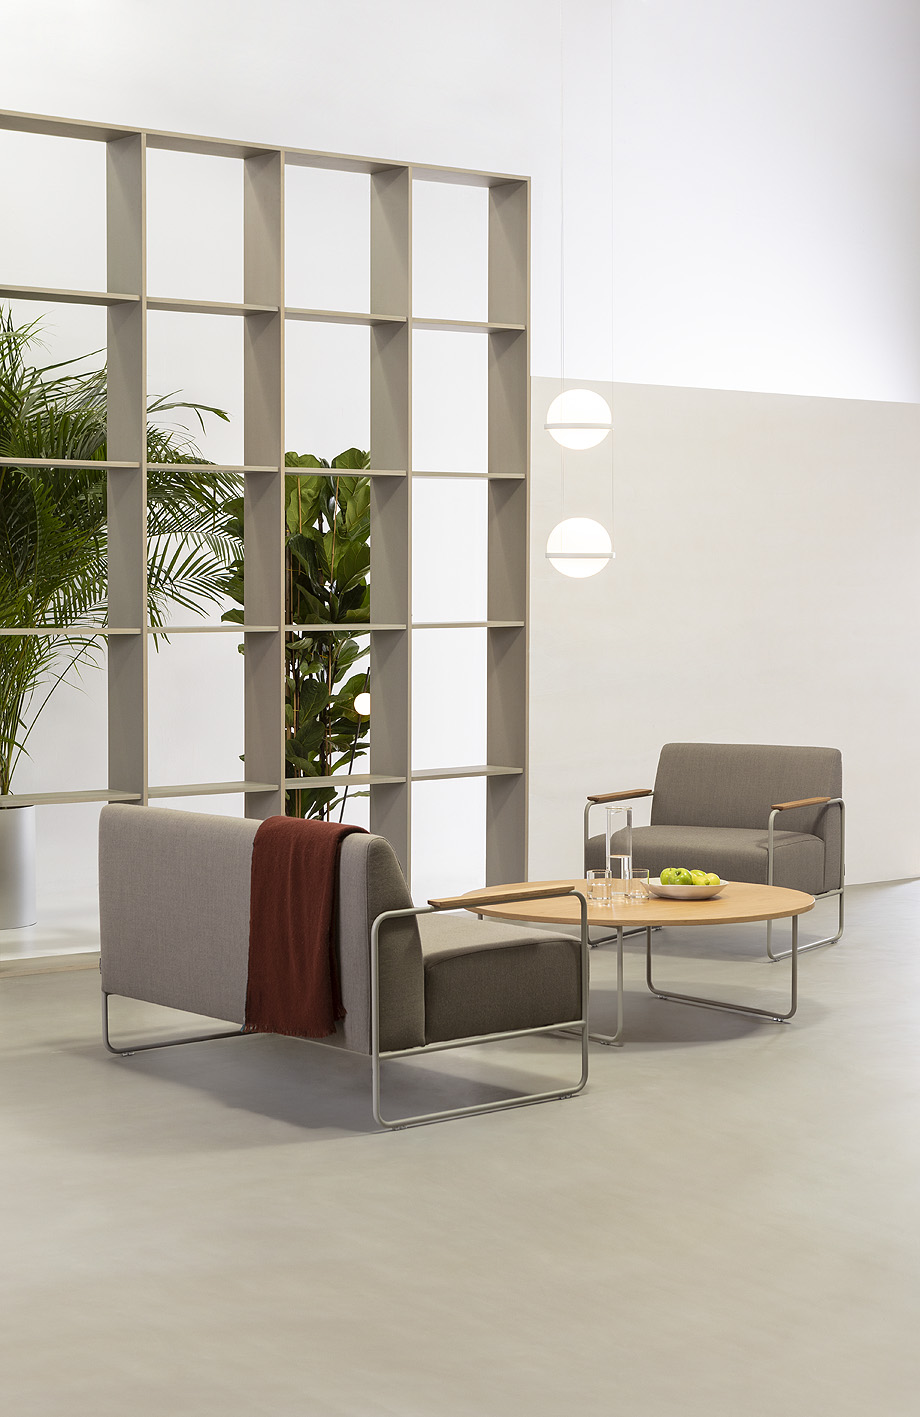 asientos modulares dula de yago sarri para verges (6)